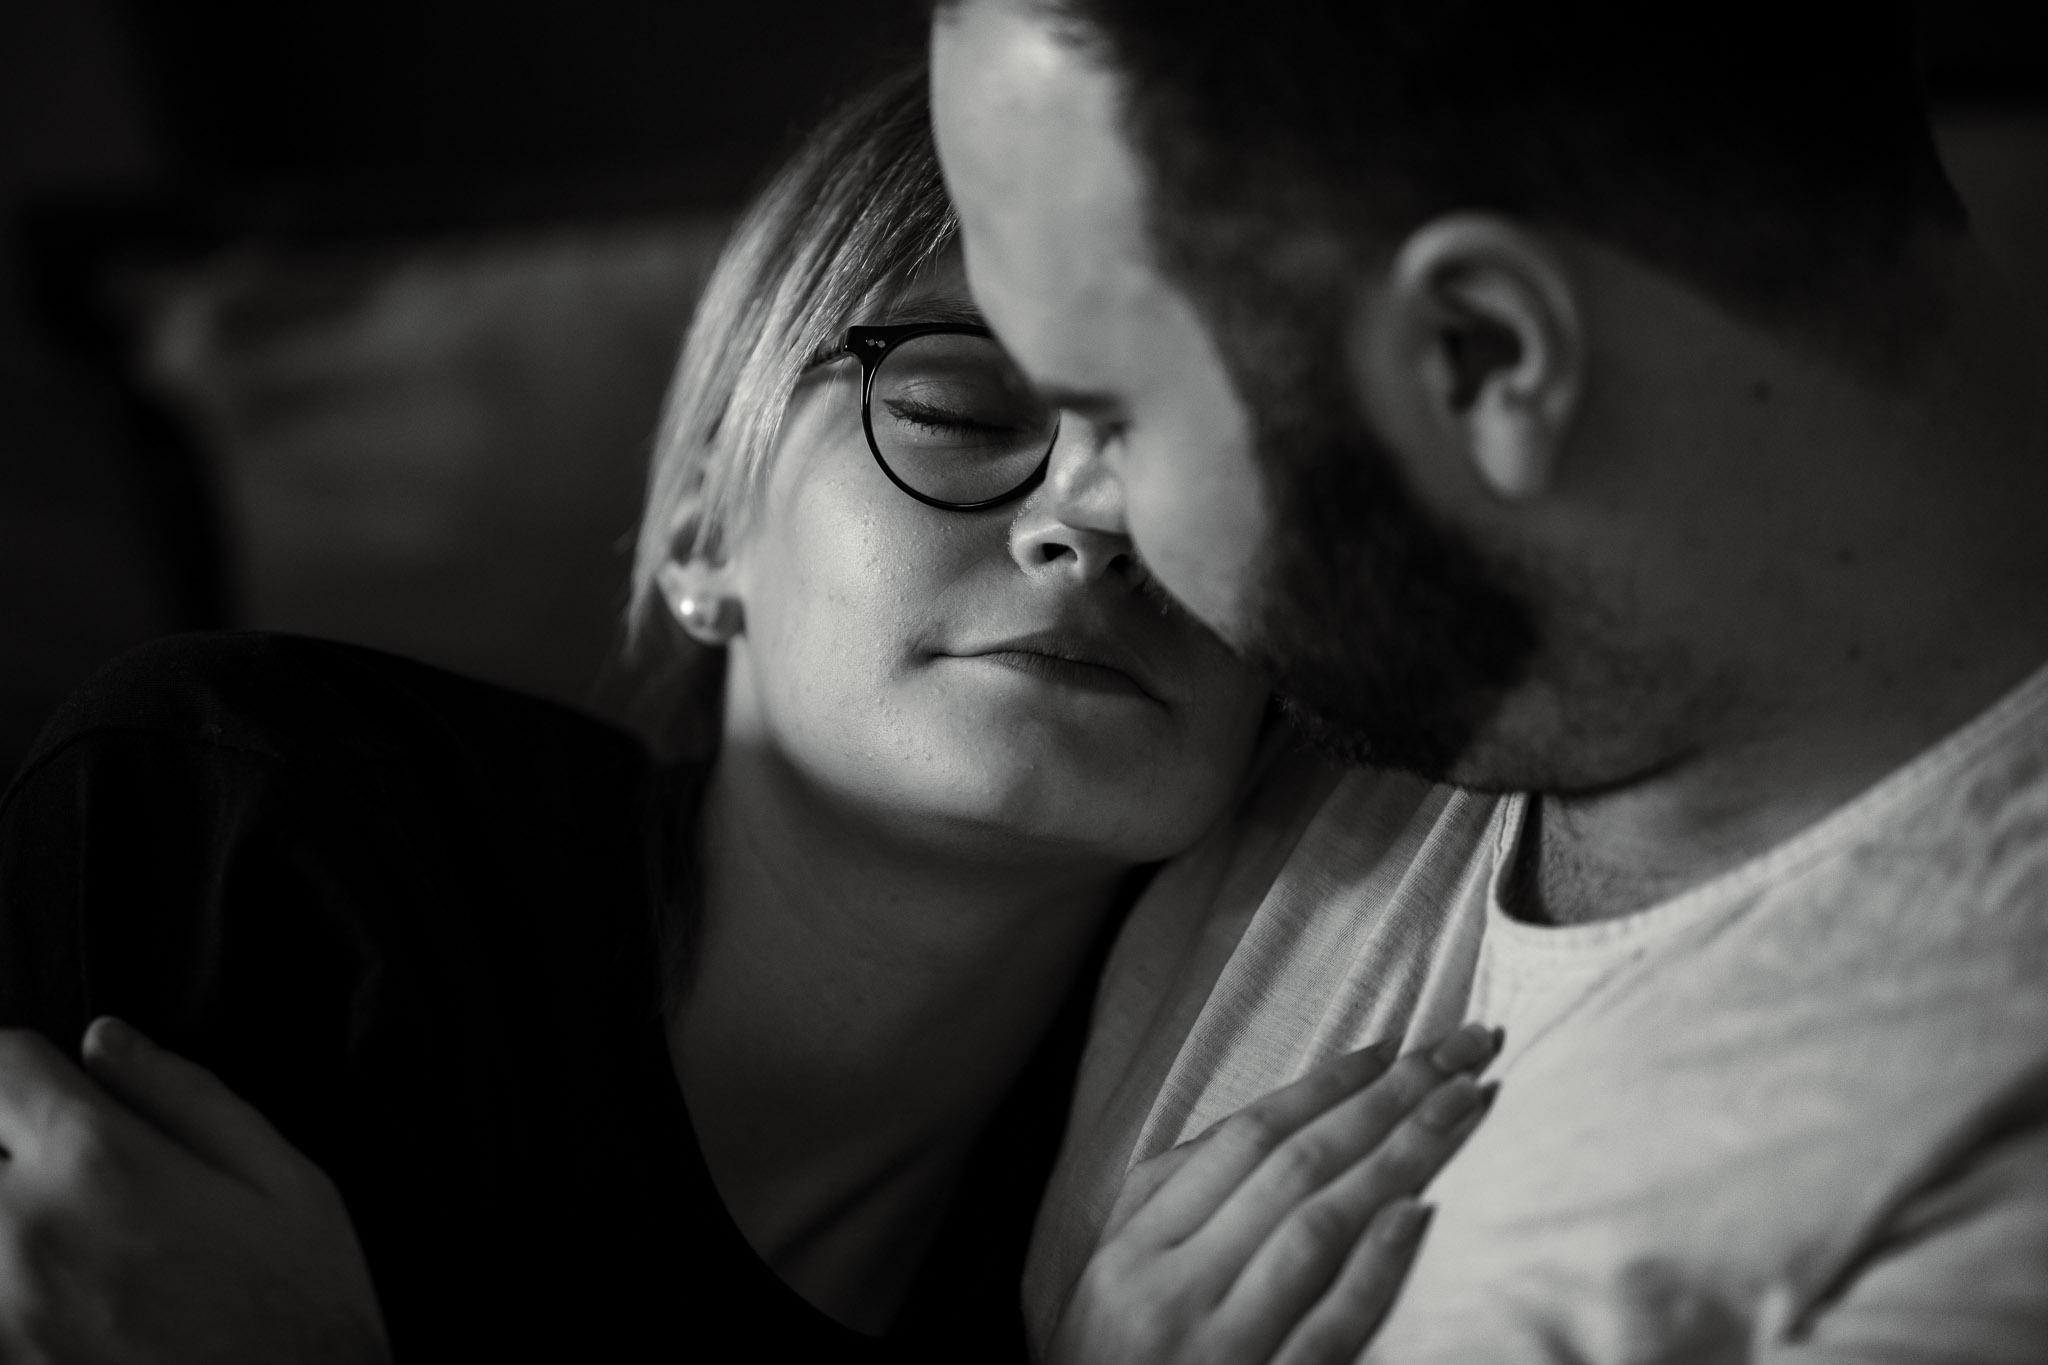 Paarfotos zu Hause - Homestory mit Sarah und Max in Worms 36